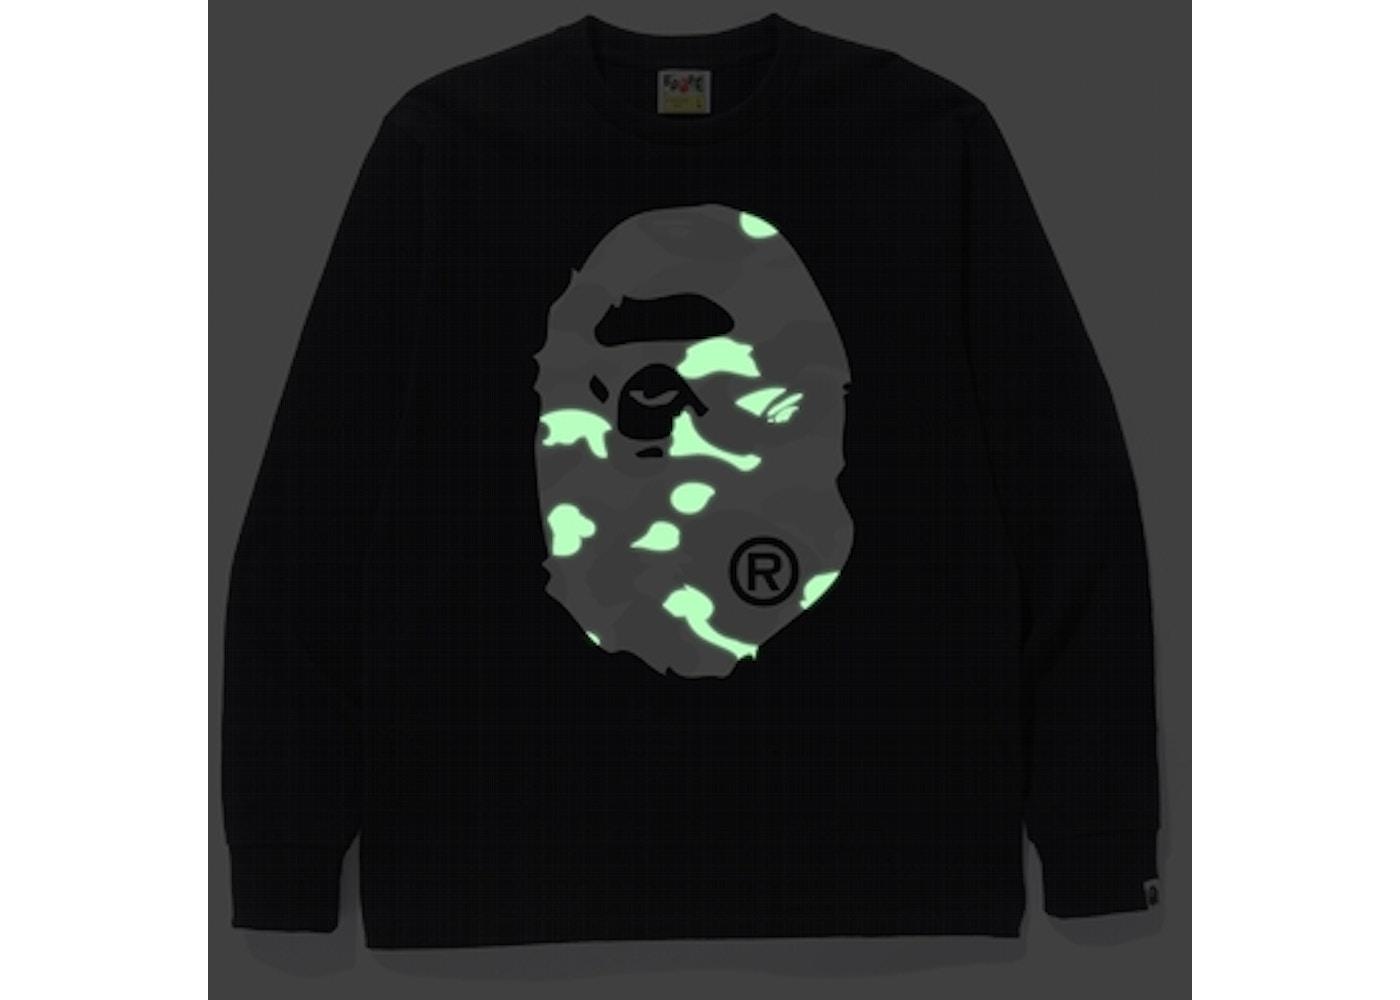 9246ca20e973 Streetwear - Bape T-Shirts - New Lowest Asks